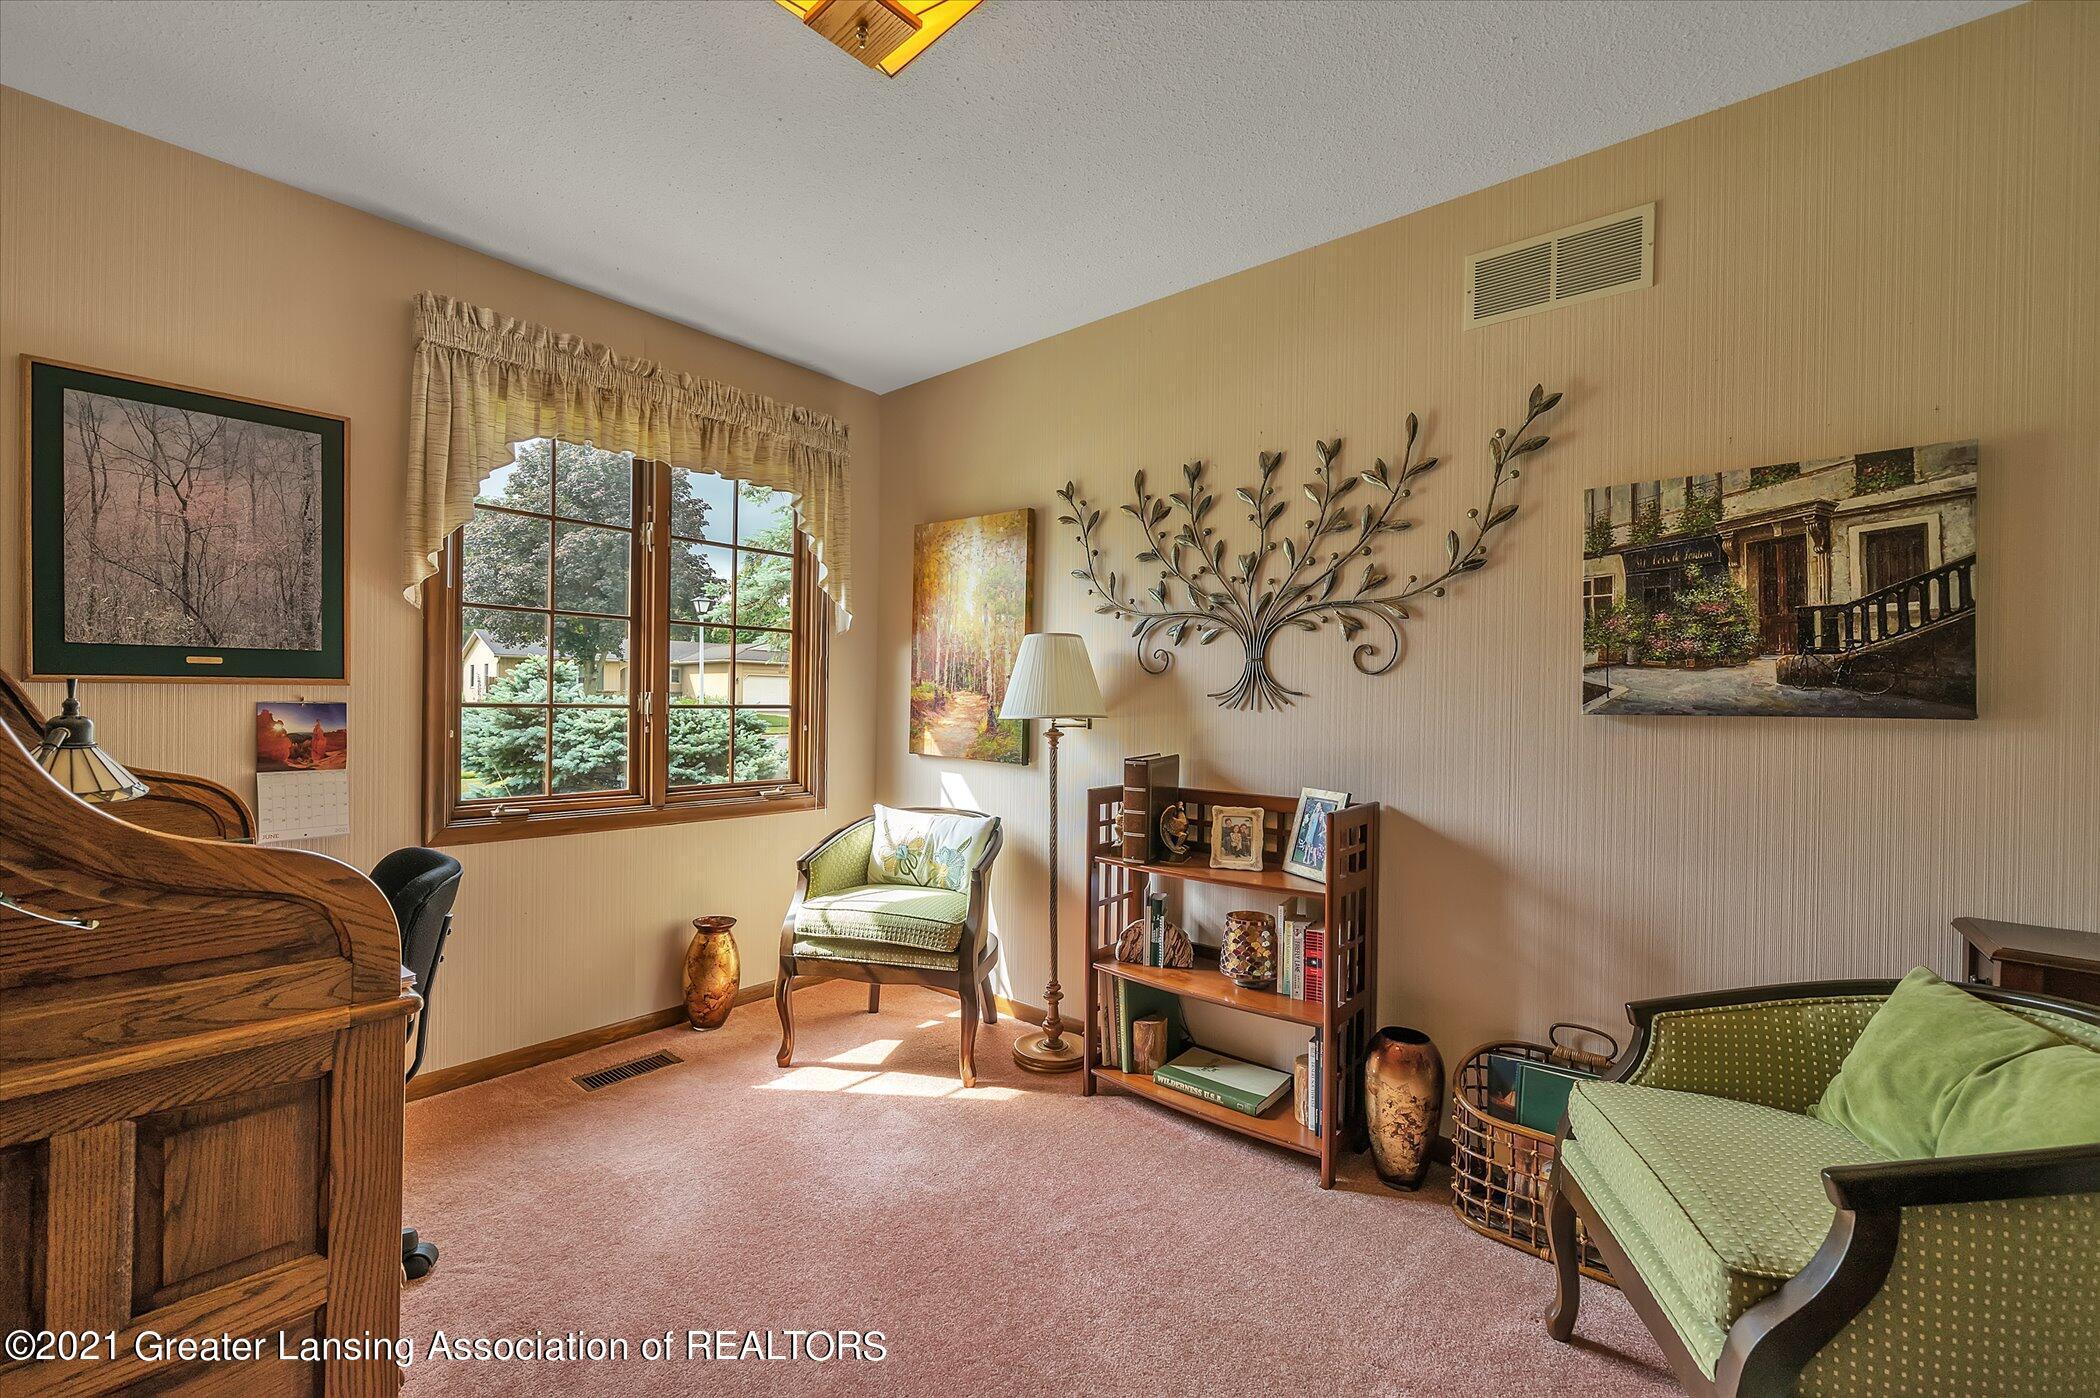 5556 Wood Valley Dr - (18) MAIN FLOOR  Bedroom 3 - 18